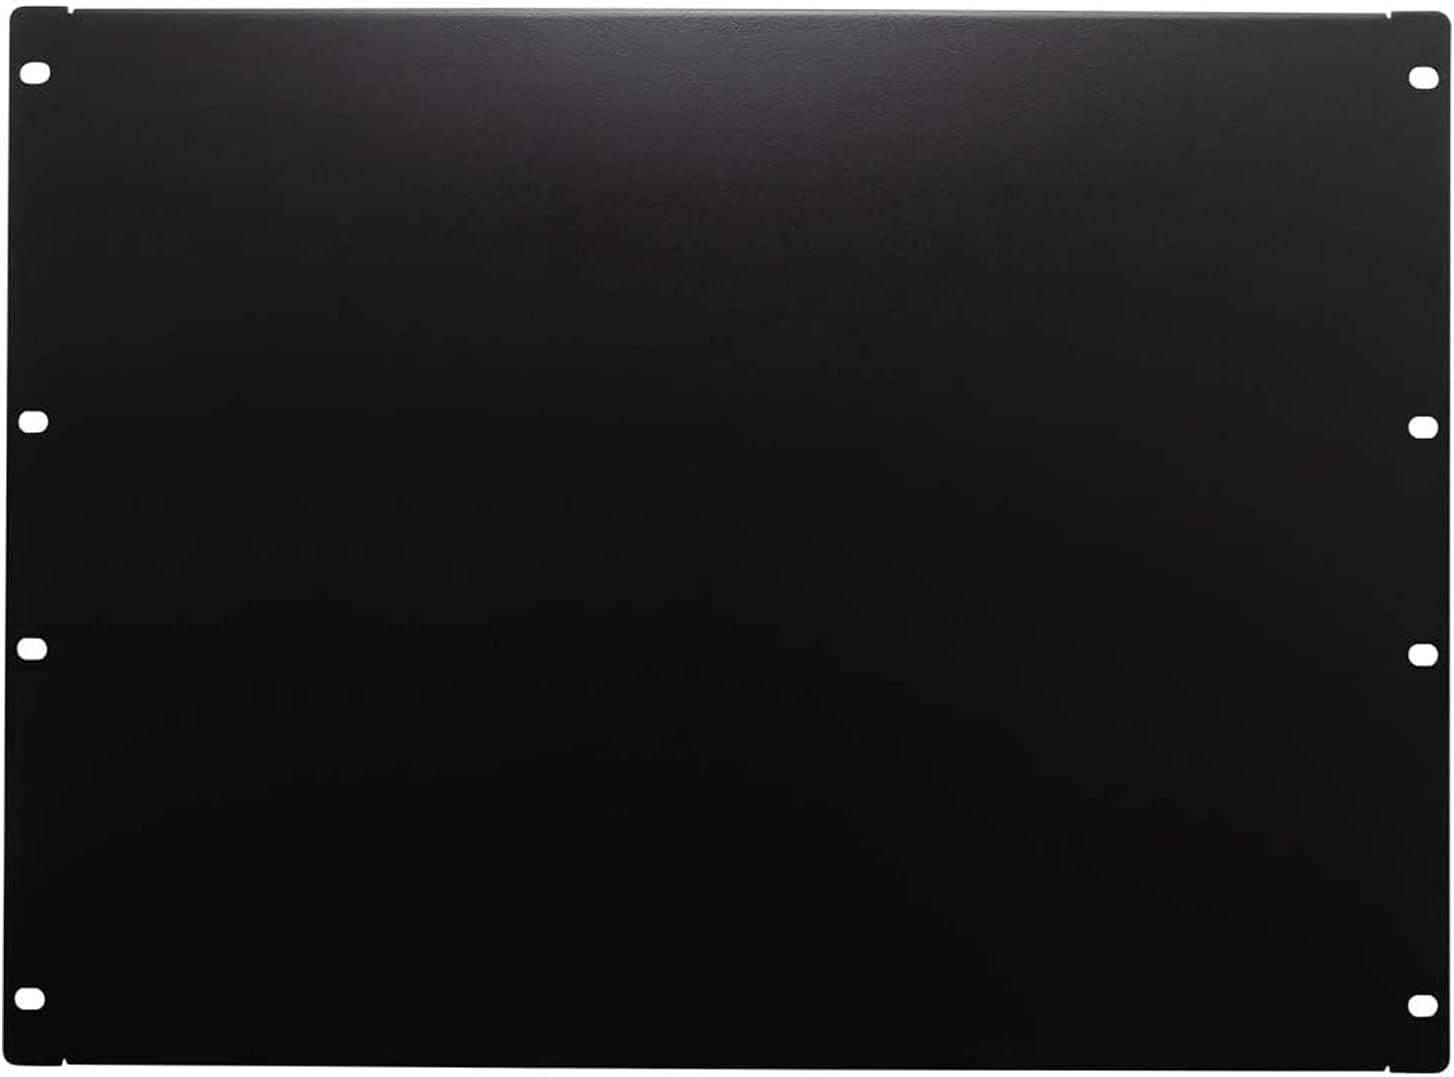 8U Black Mount Blanking Panel Spacer,19